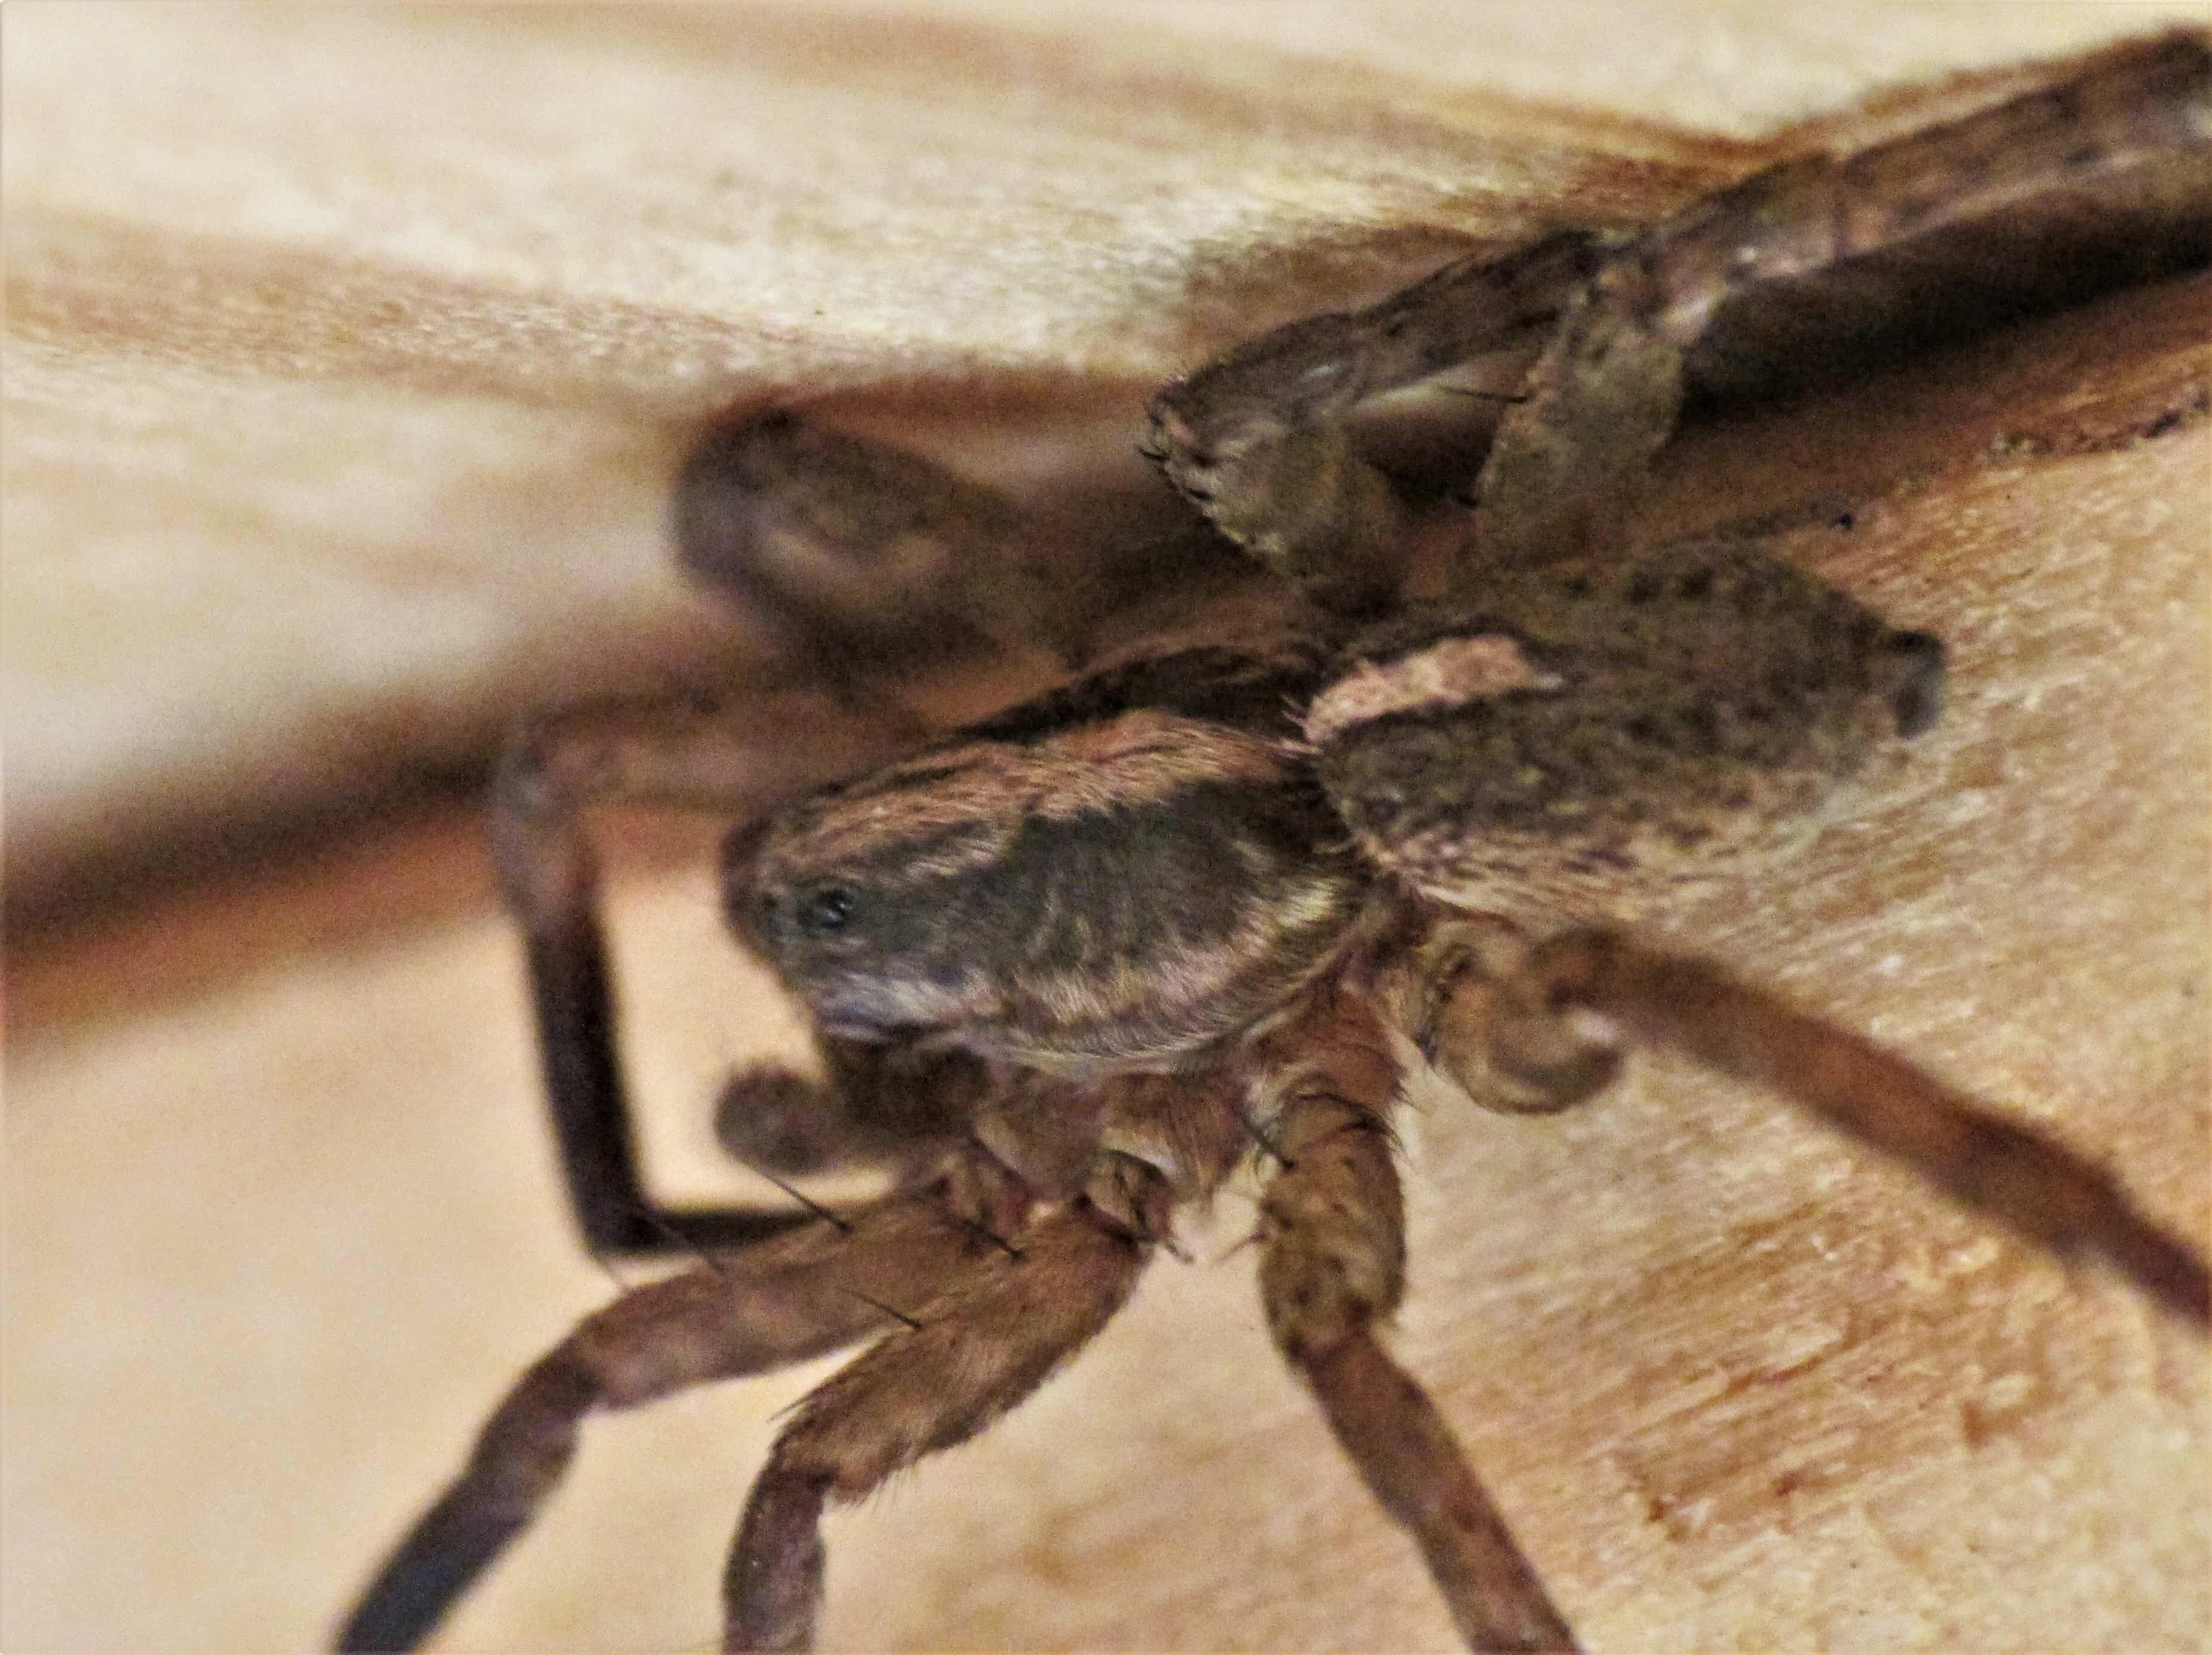 Picture of Trochosa ruricola - Male - Dorsal